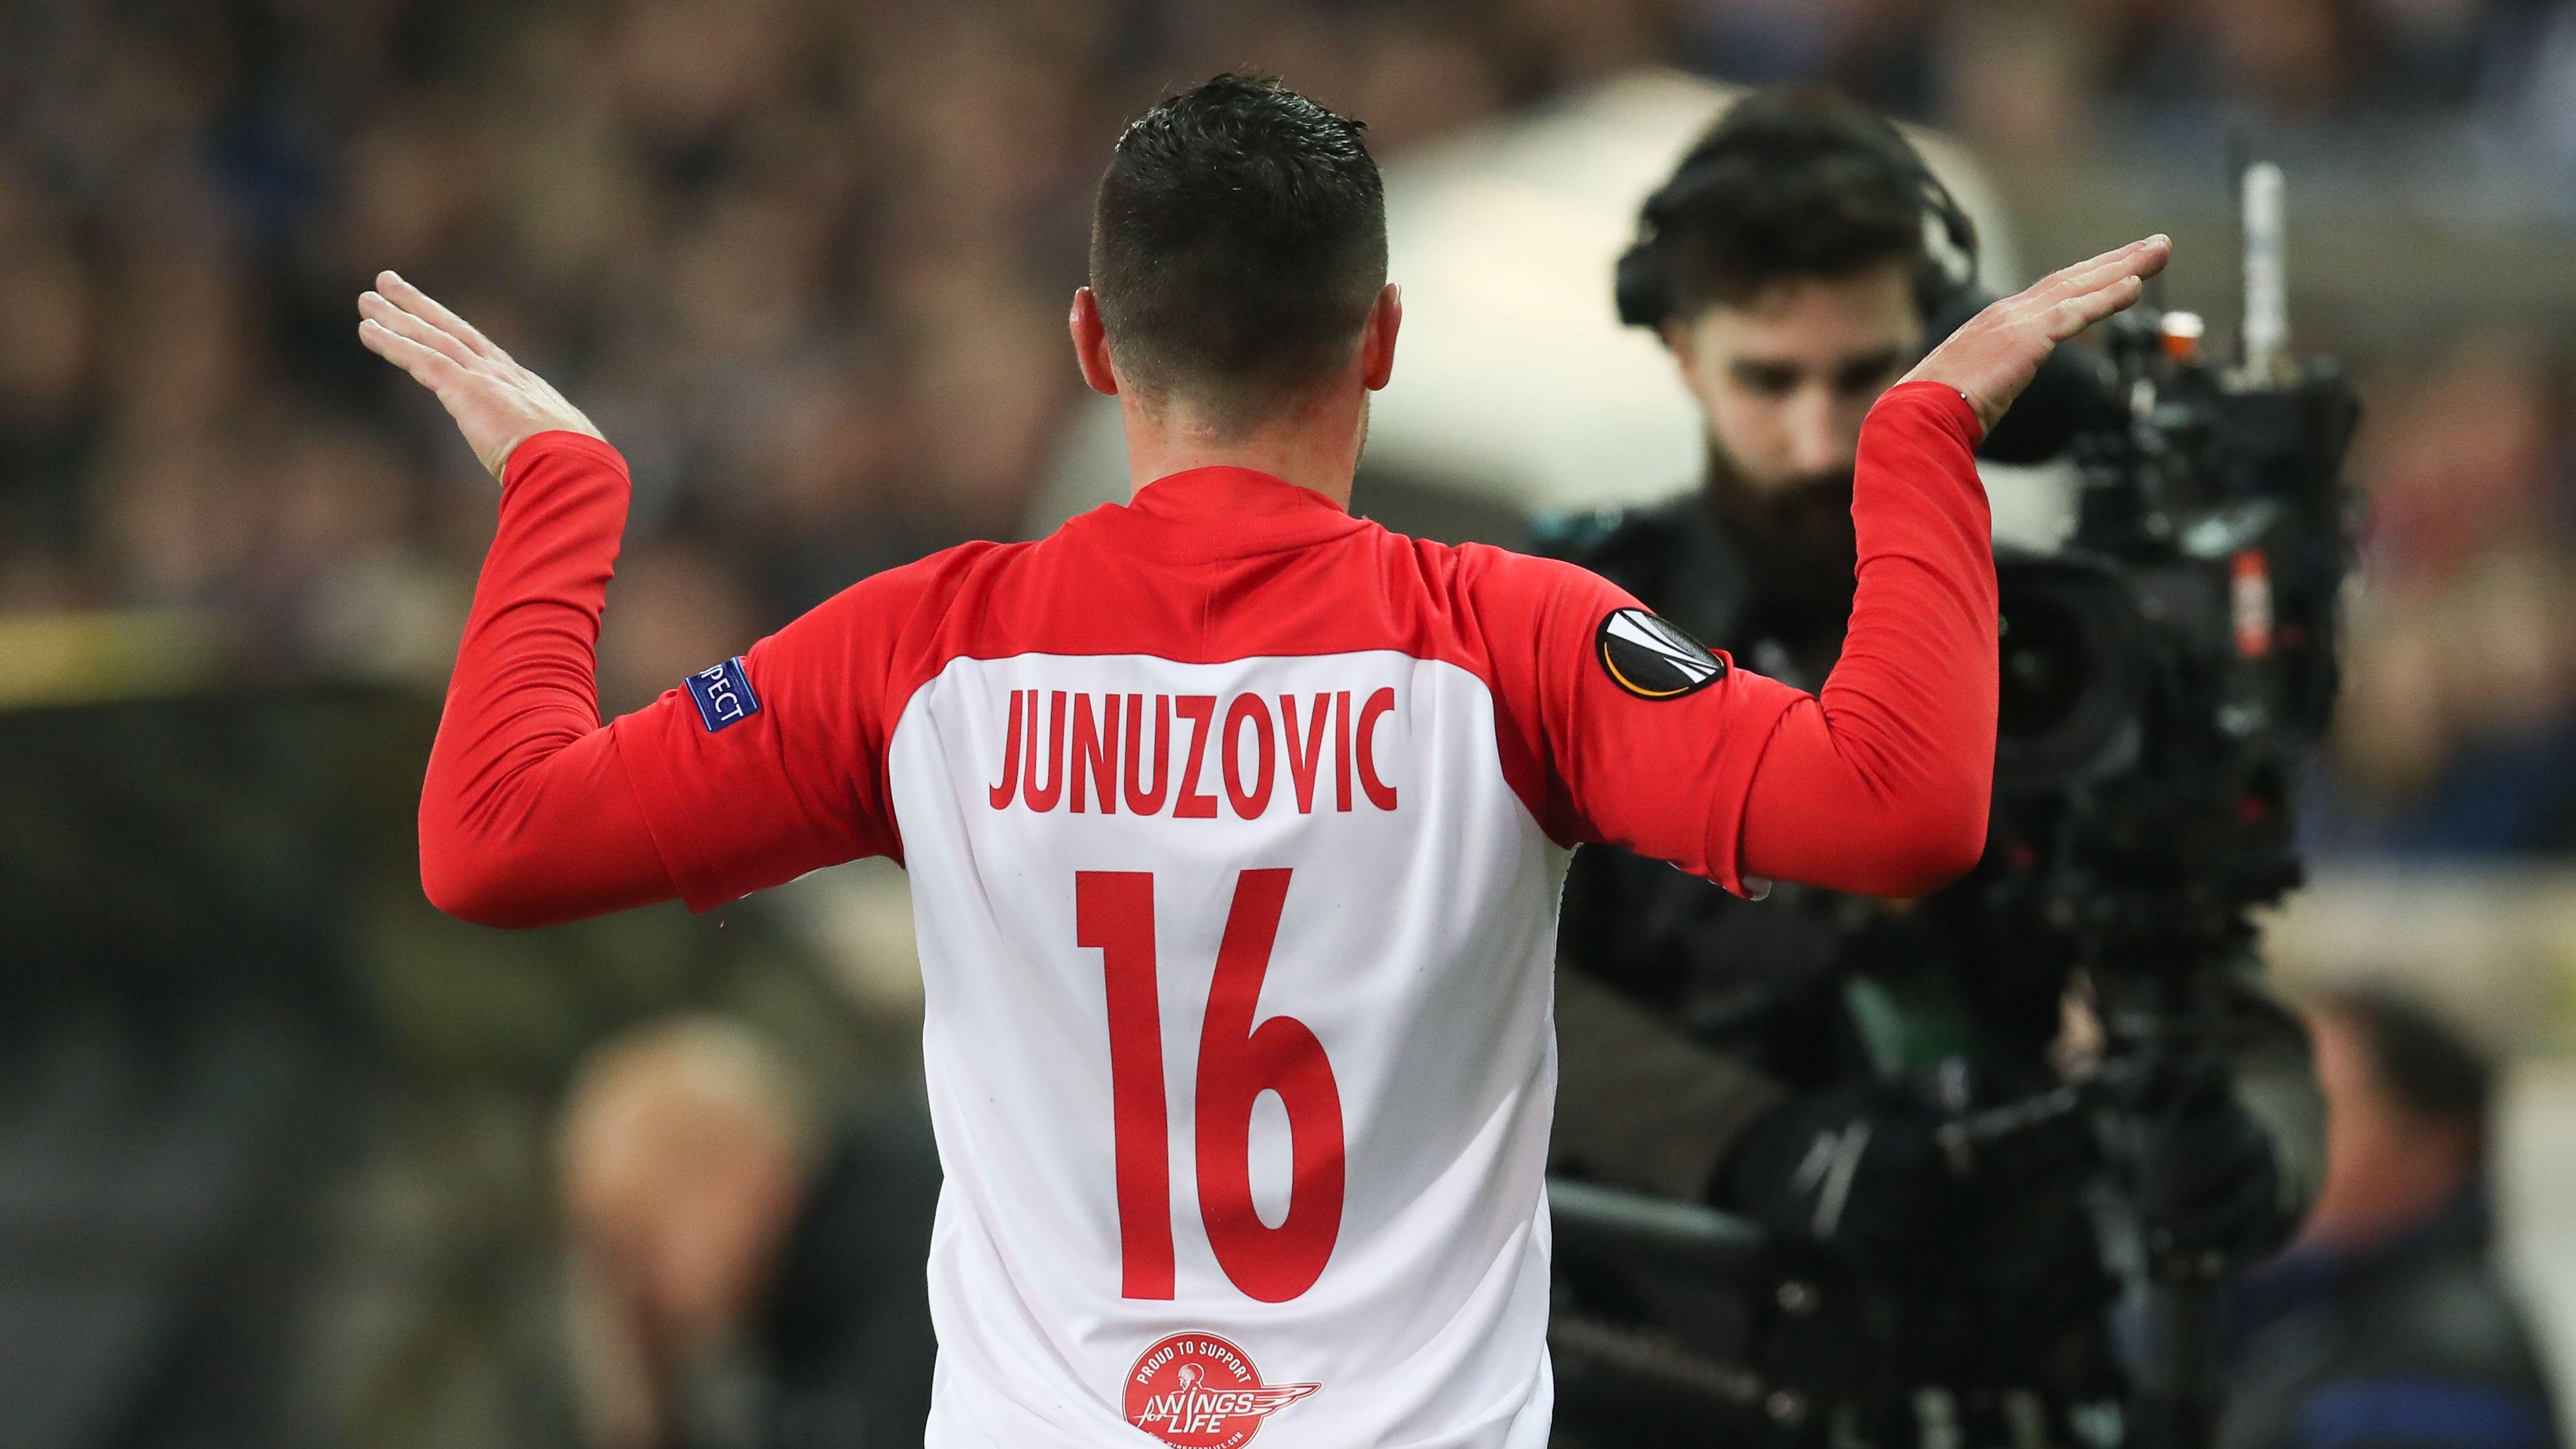 Zlatko Junuzovic von RB Salzburg